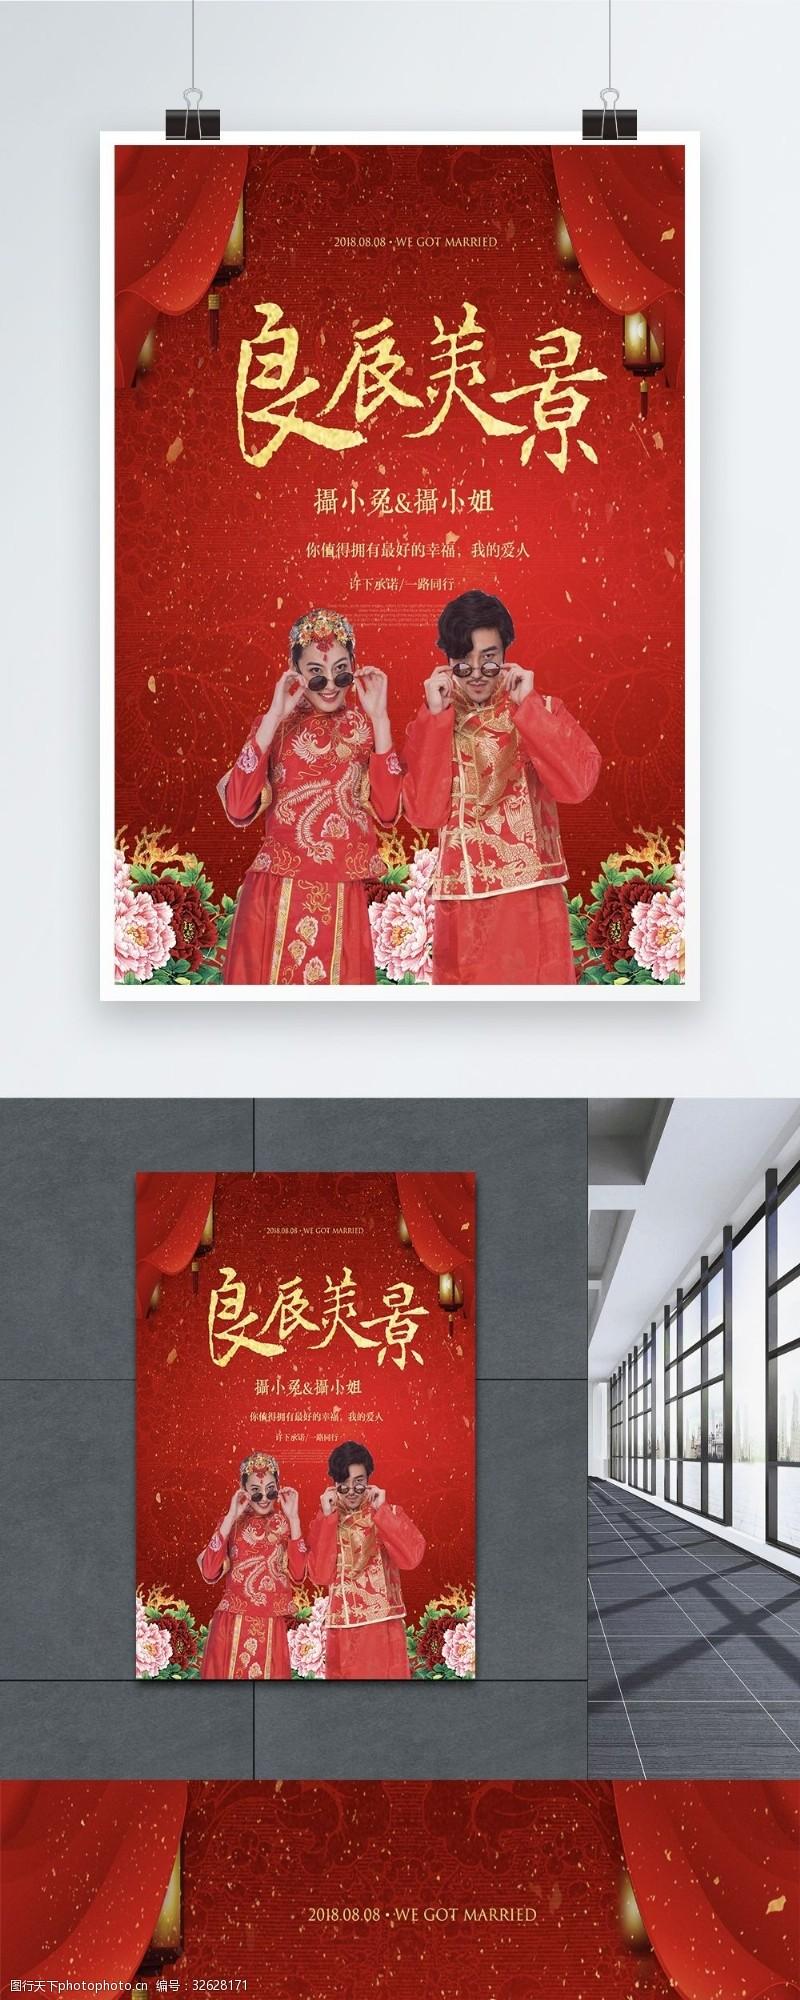 良辰美景中国风结婚海报